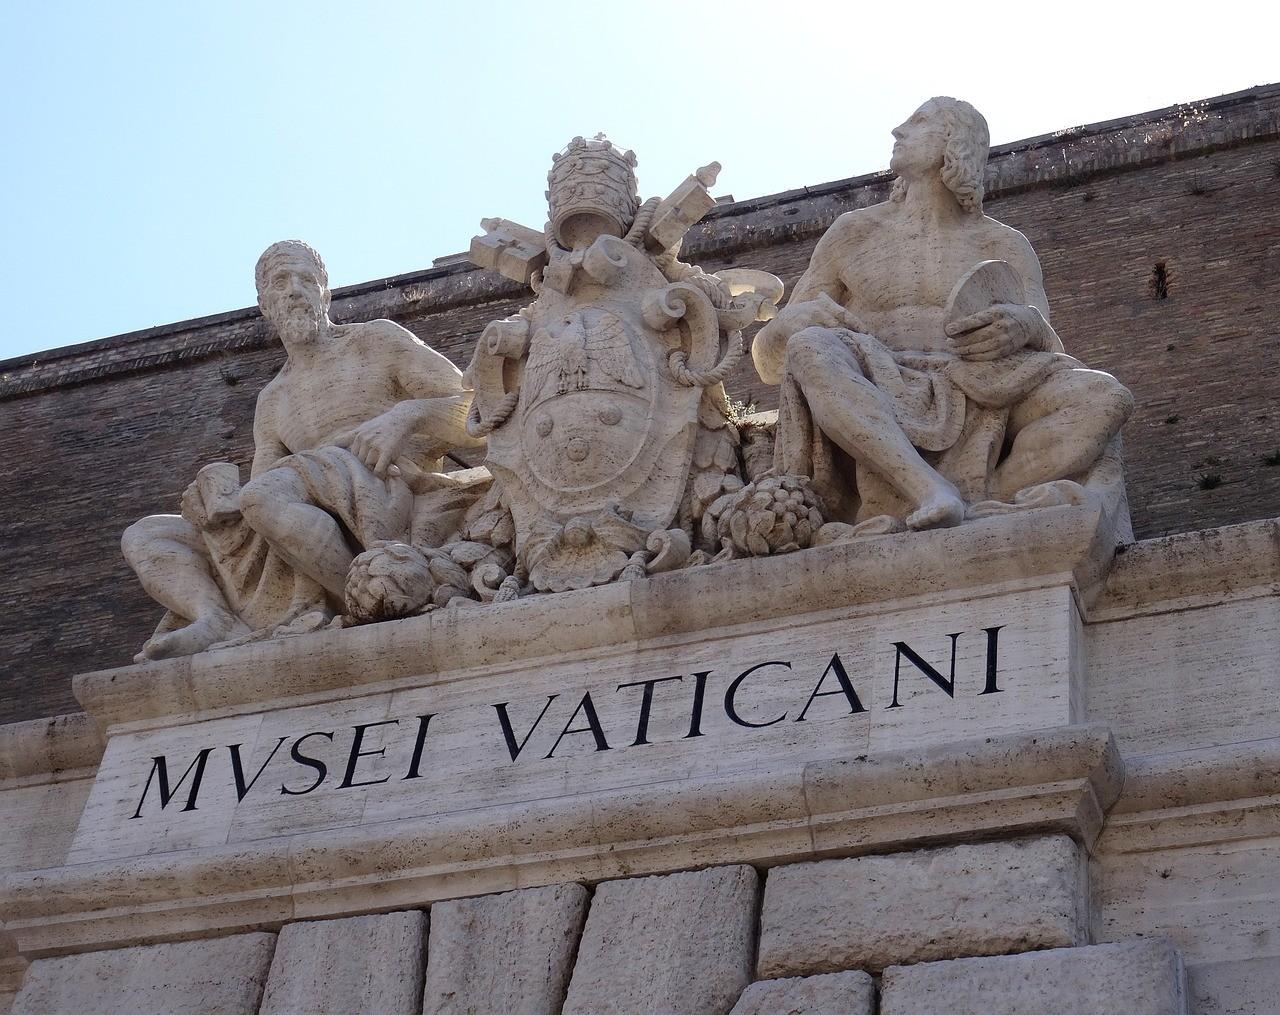 vatican, vatican museum, museum